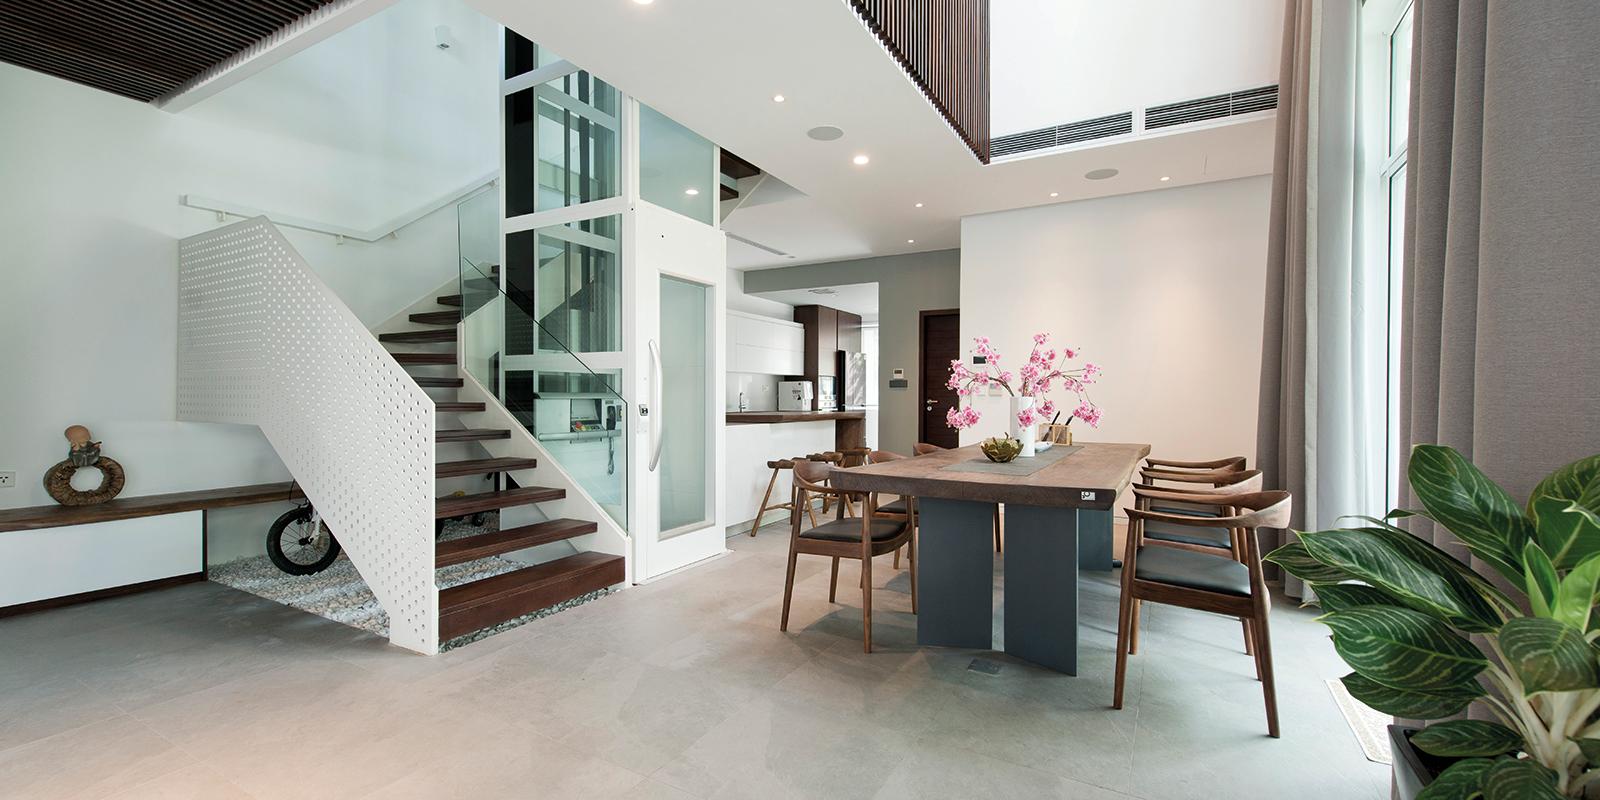 huislift, aesy liften, lift voor thuis, design lift, the art of living